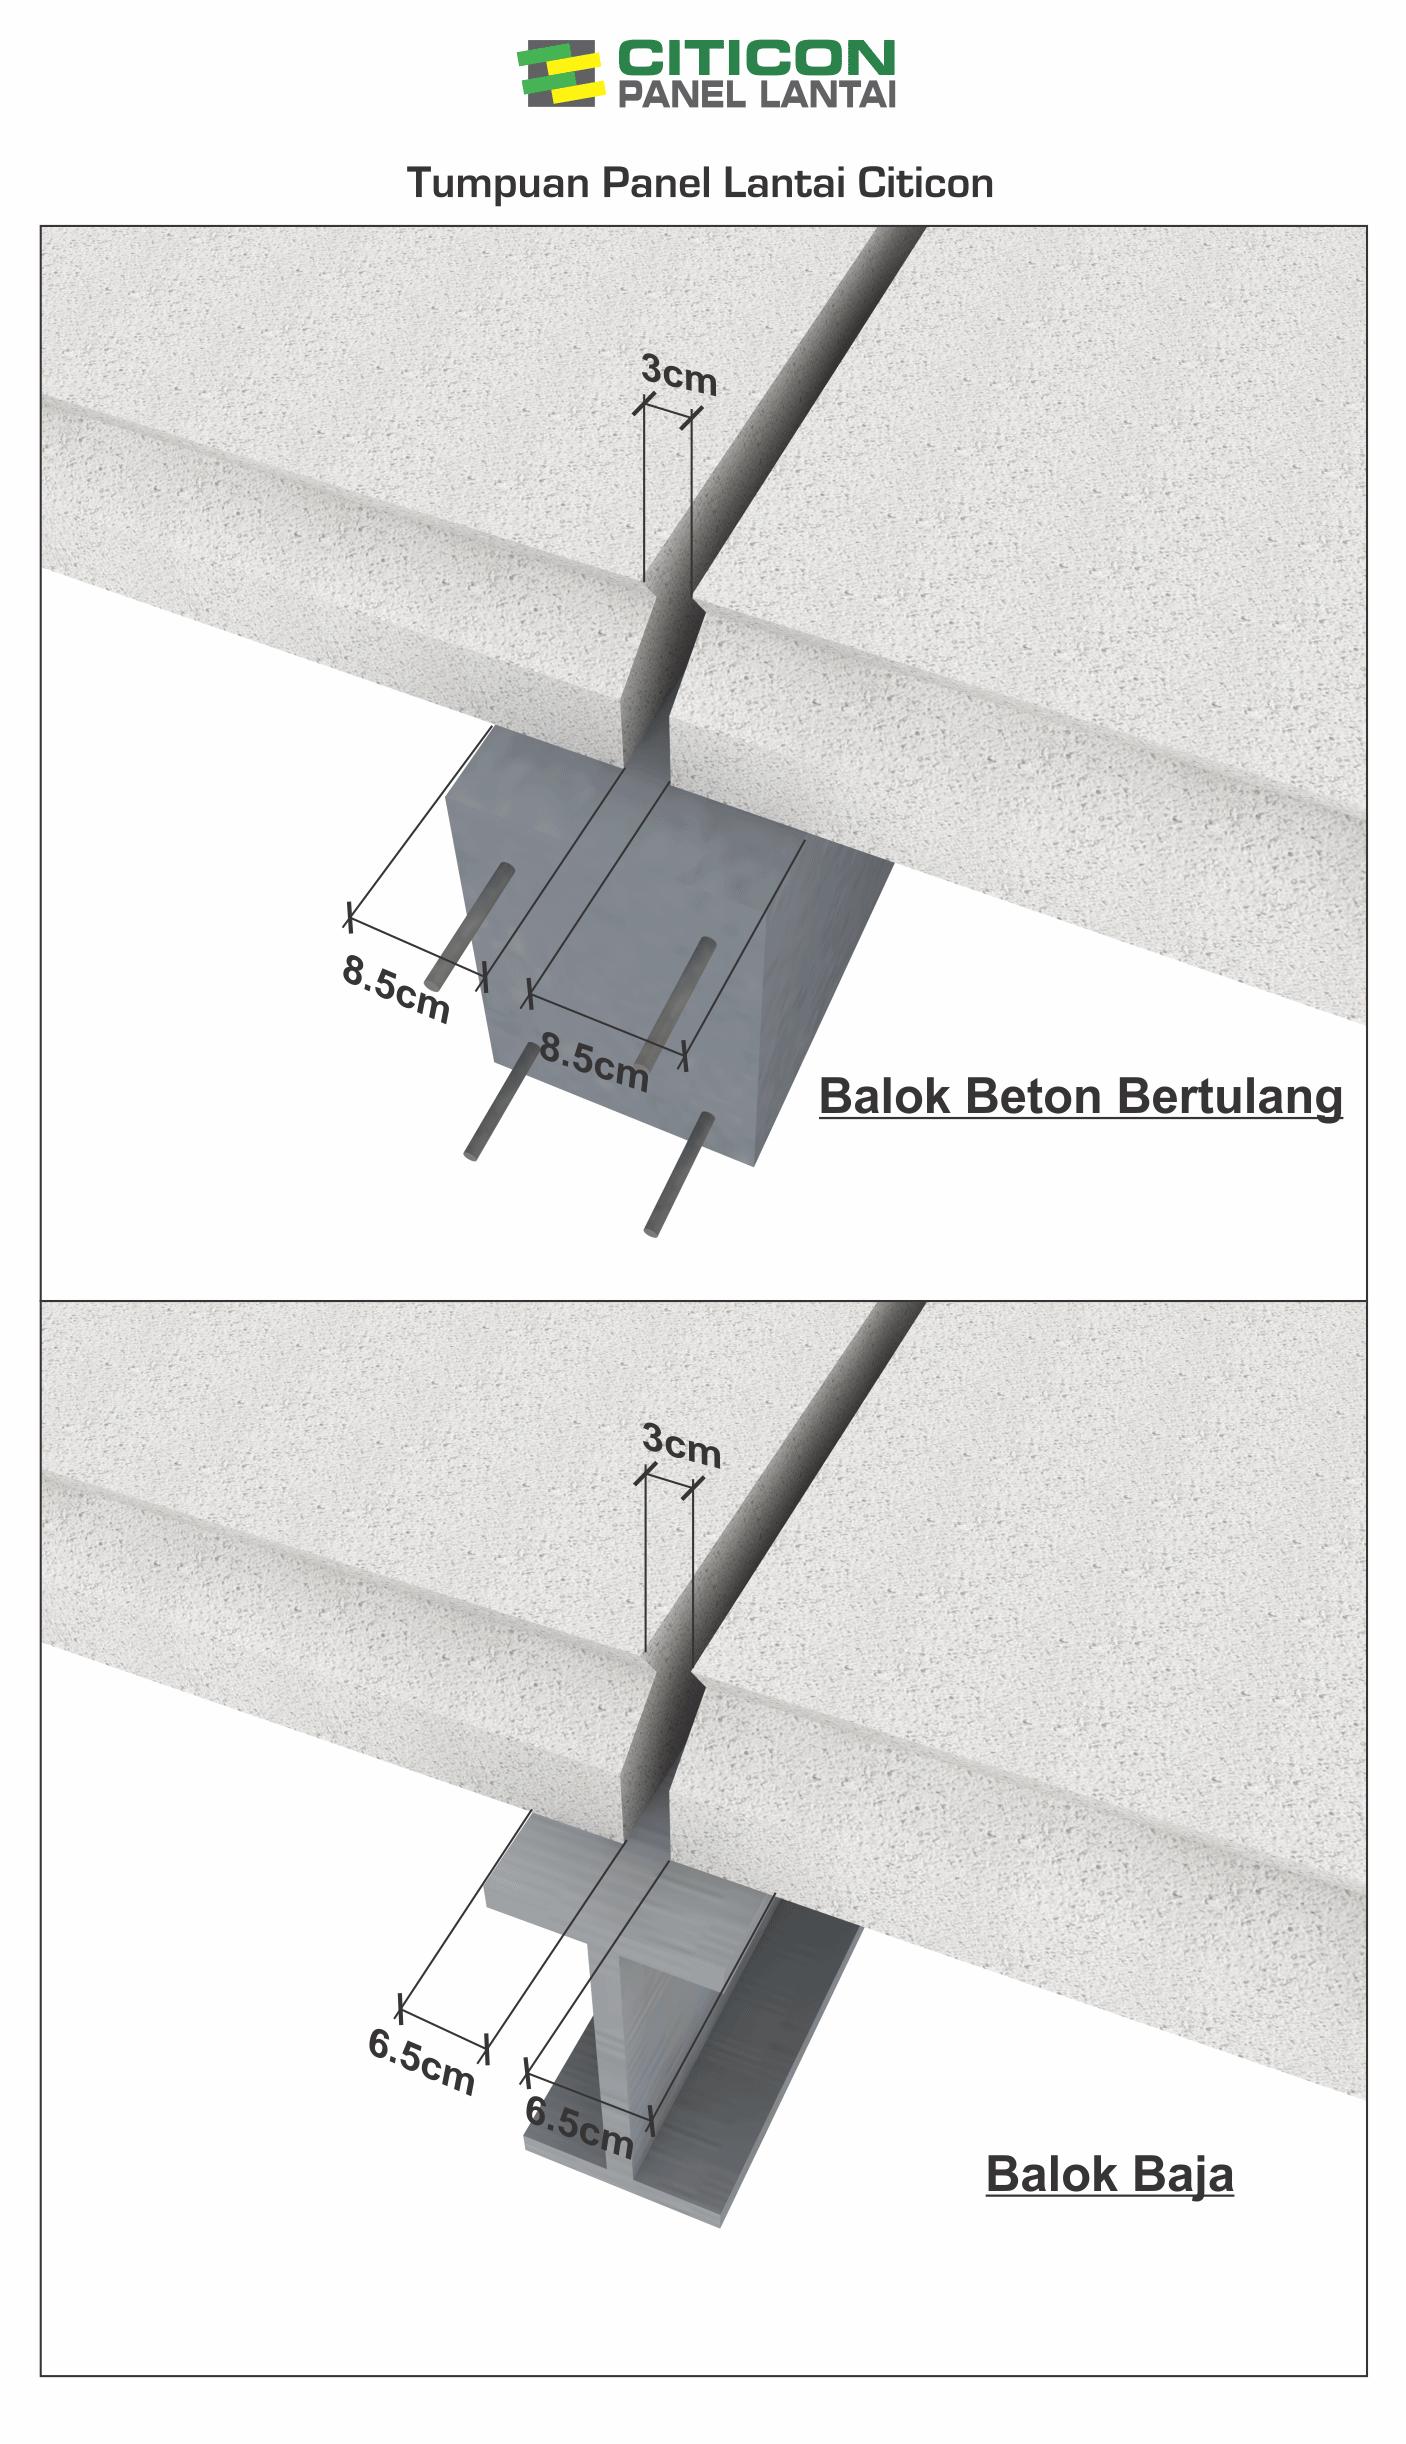 jual panel lantai